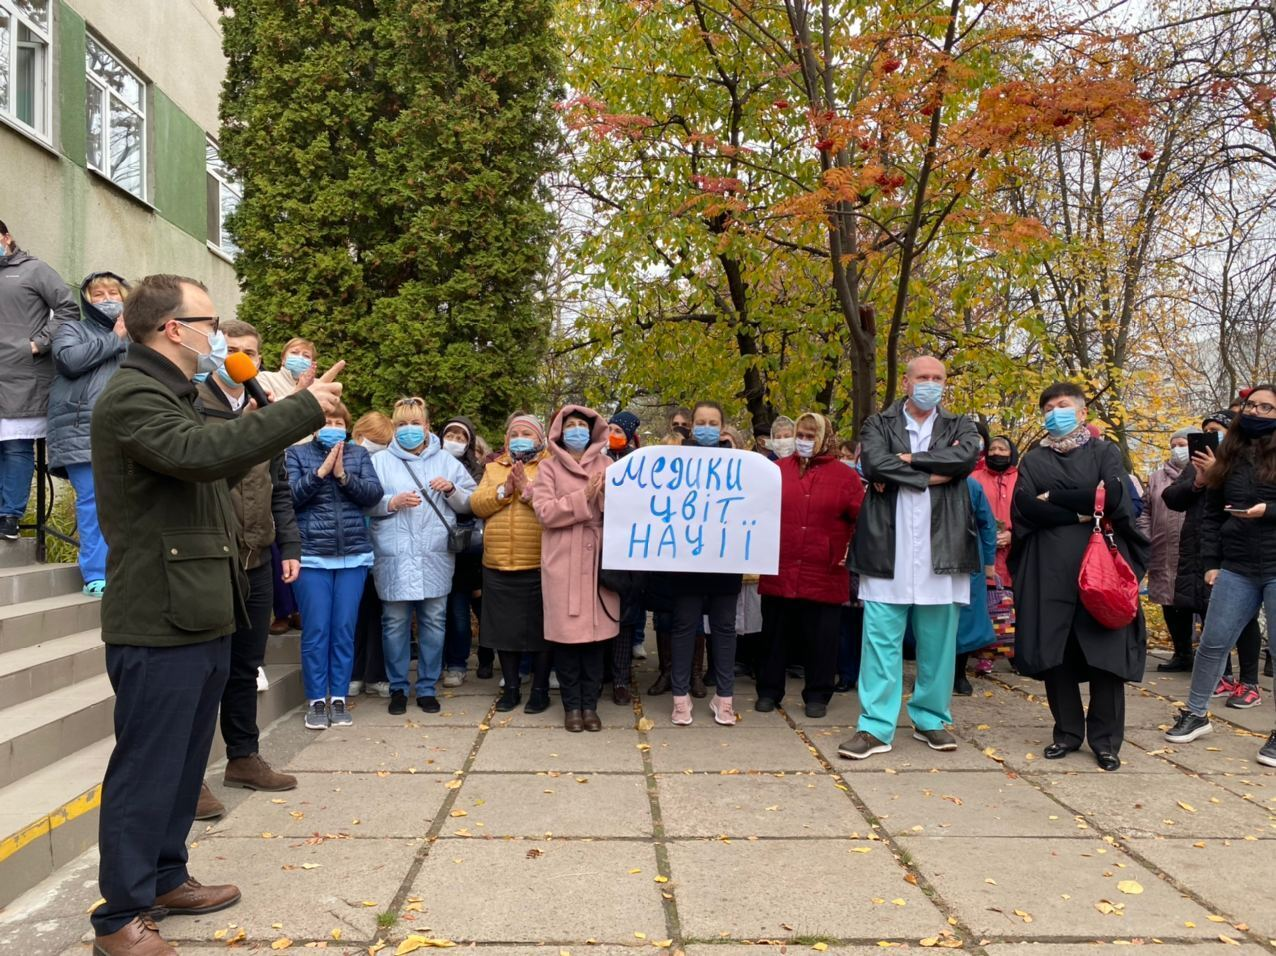 После завершения митинга неравнодушные граждане поехали в городской совет и передали свои требования городской власти.